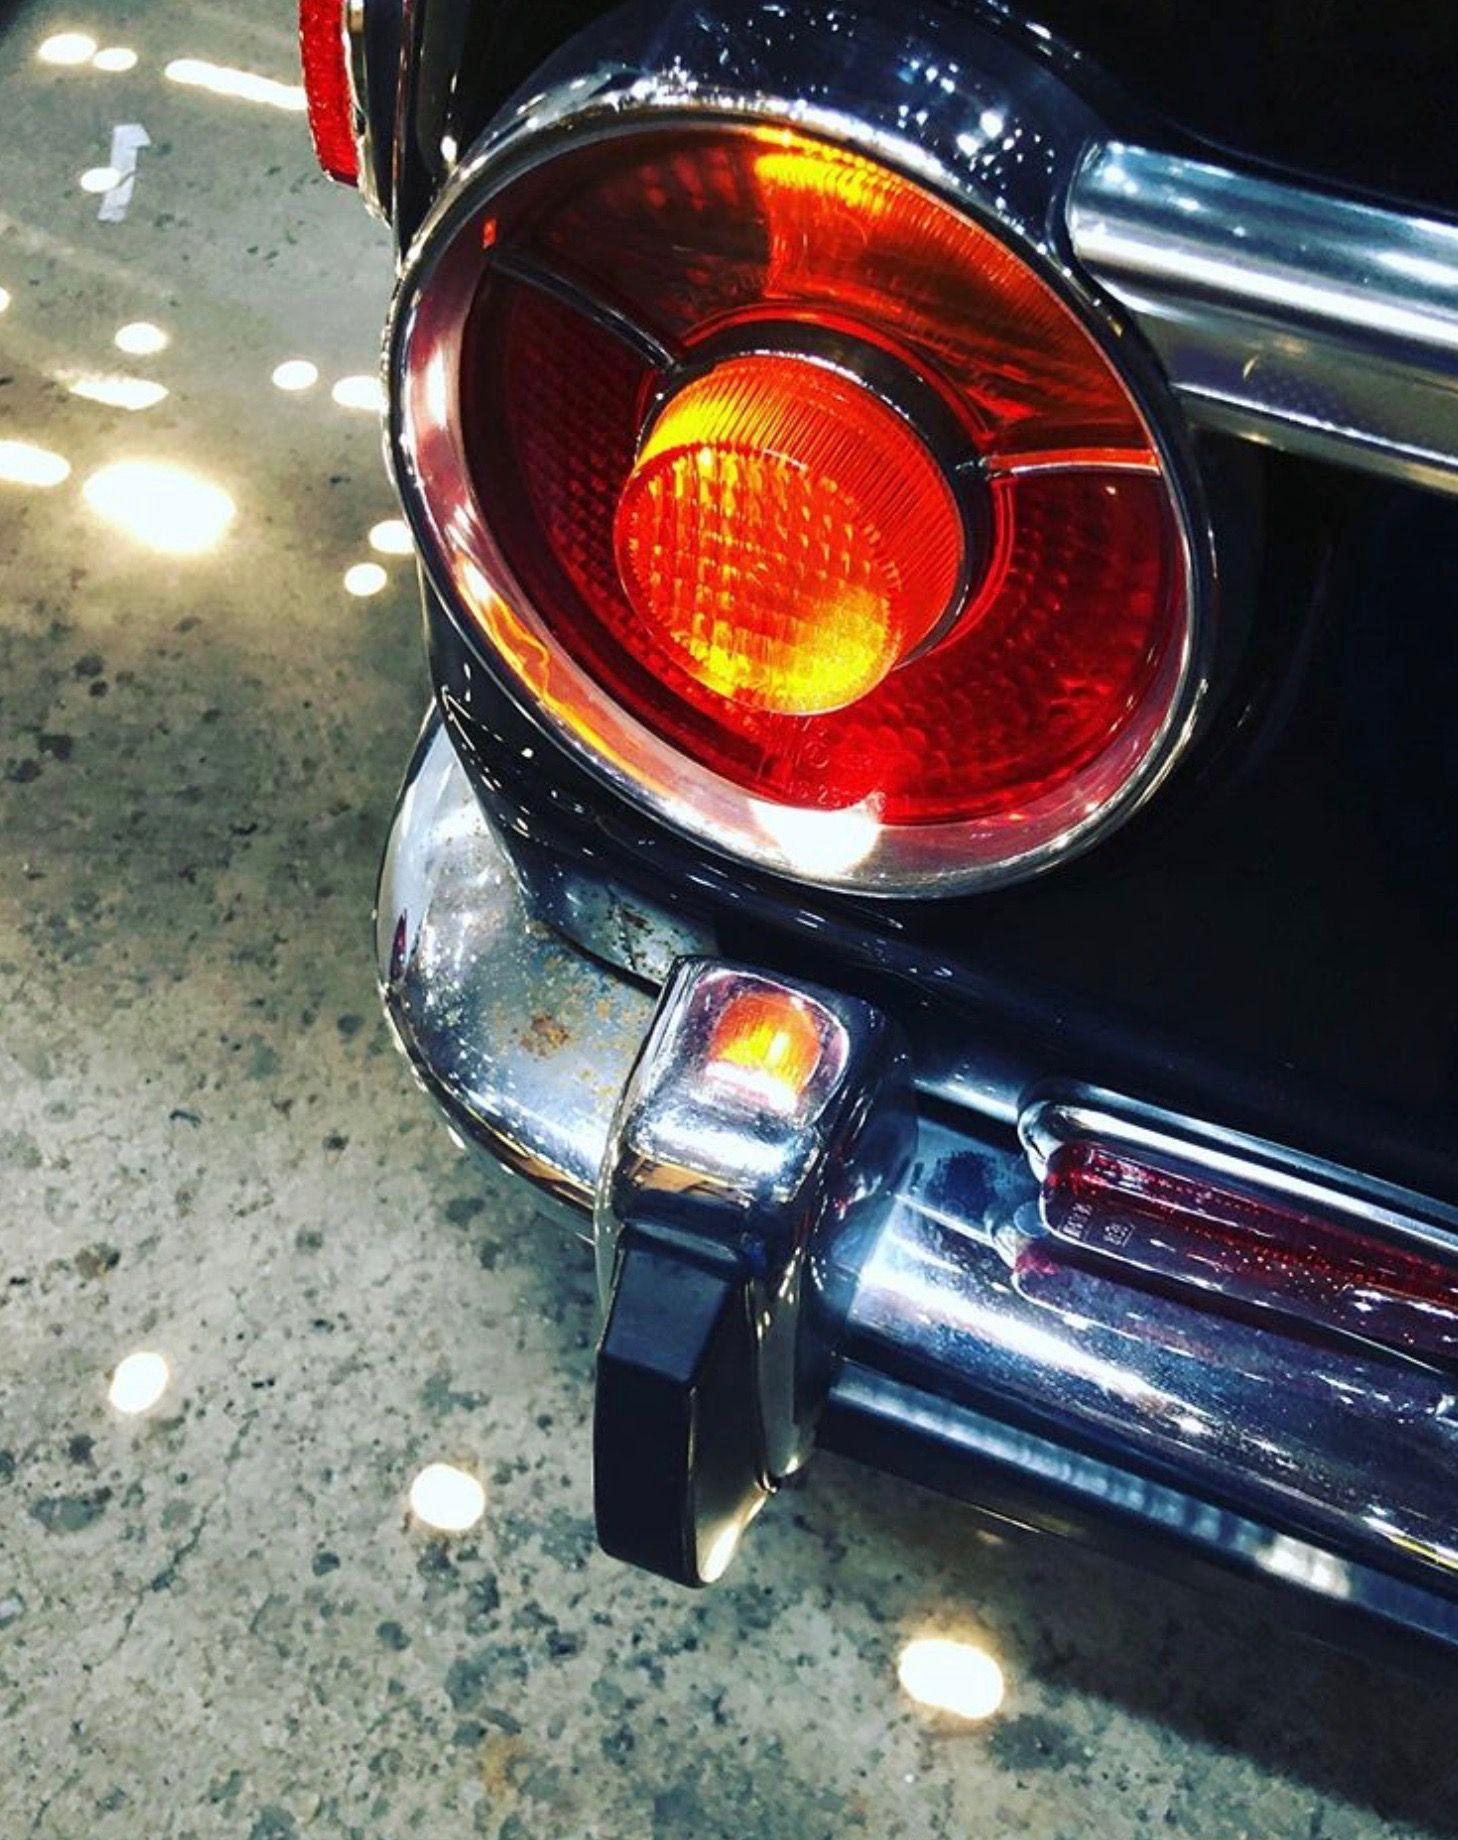 Pin By Thomas Hutcheon On Das Auto Bmw 2002 Bmw Classic Bmw